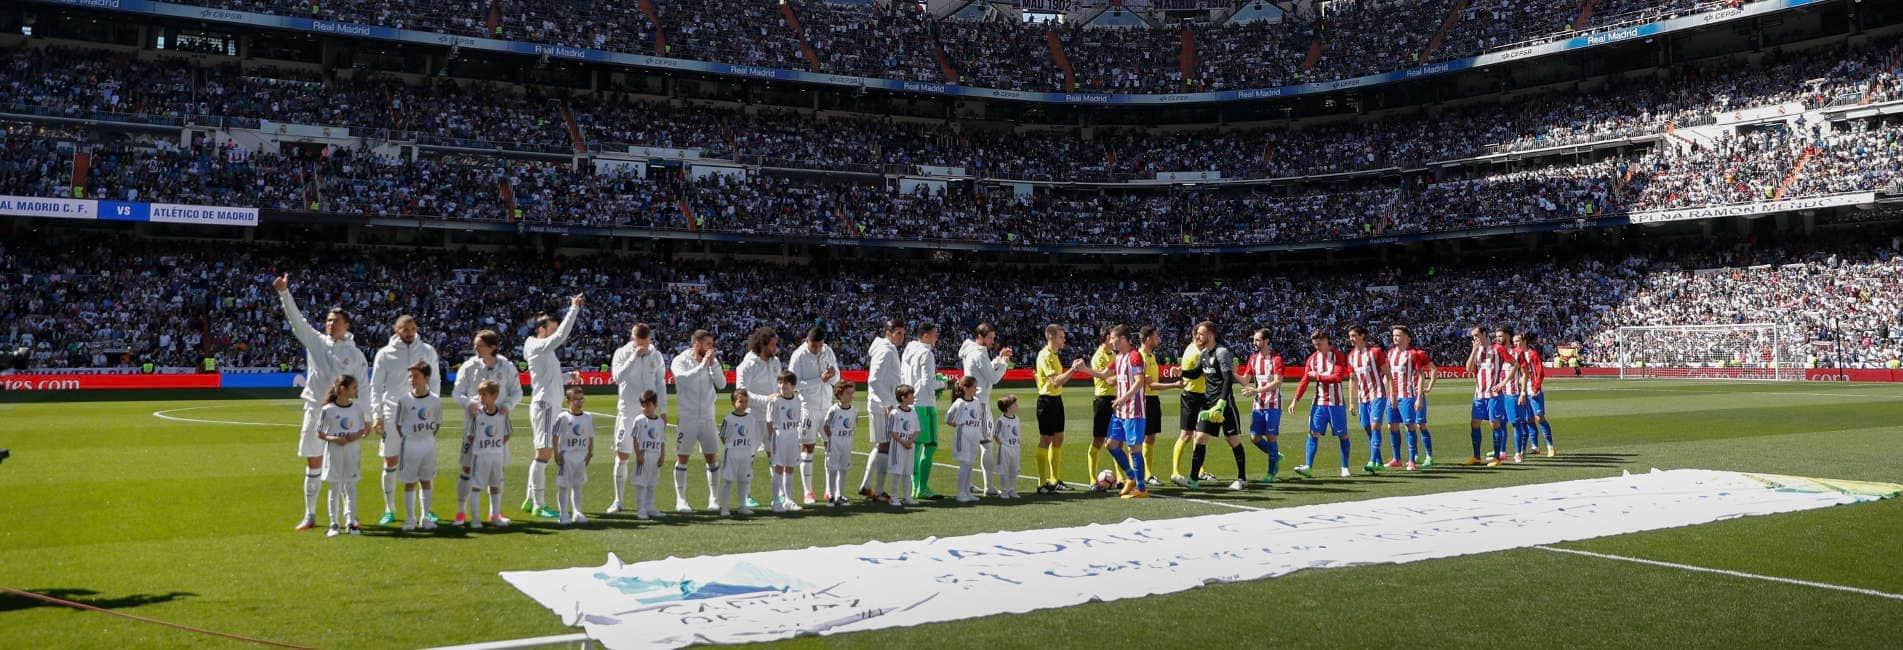 Real Madrid - Atlético de Madrid. Estadio Santiago Bernabéu 8 abril 2017